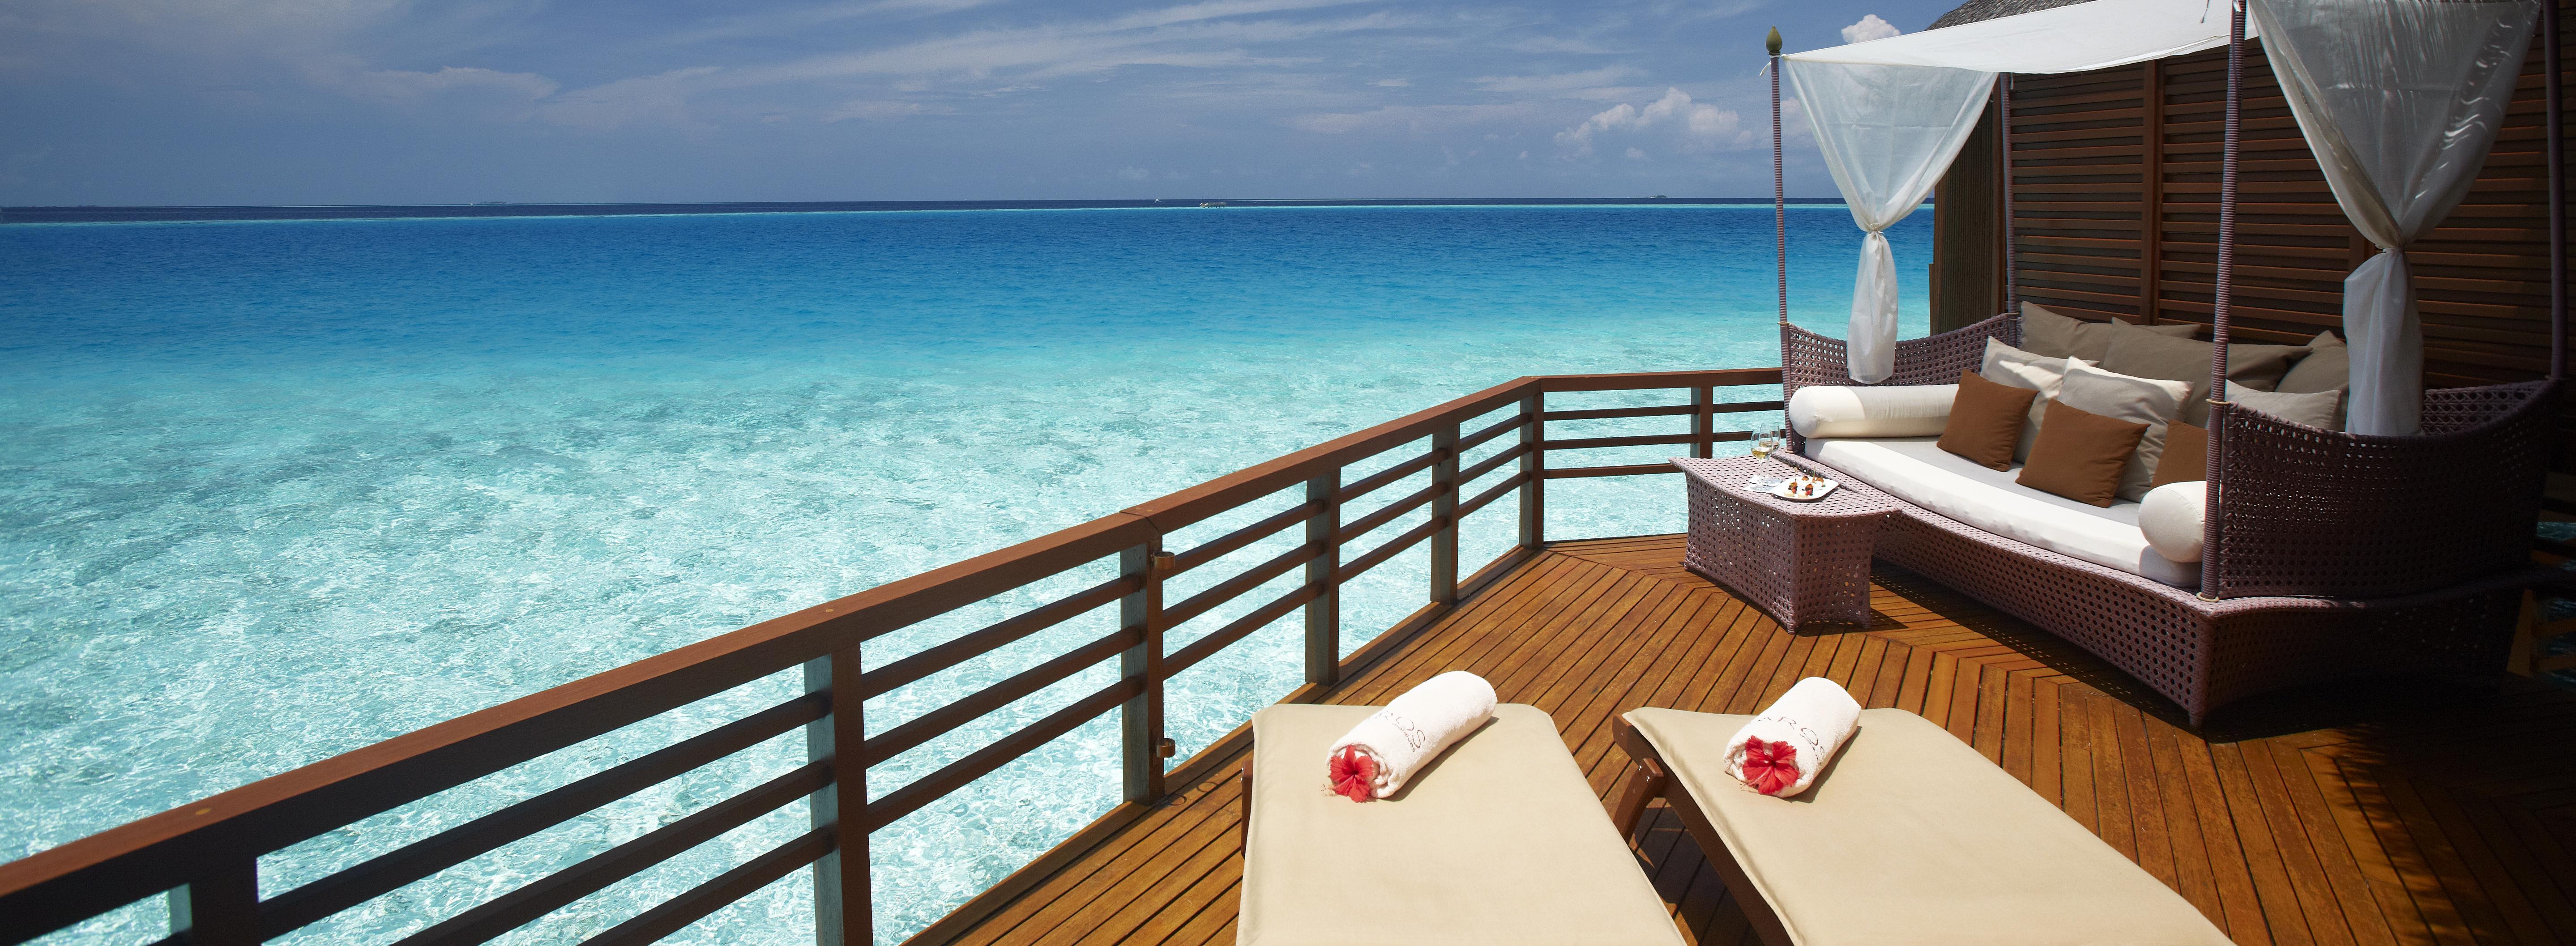 Baros-Maldives-Water-Villa-Deck